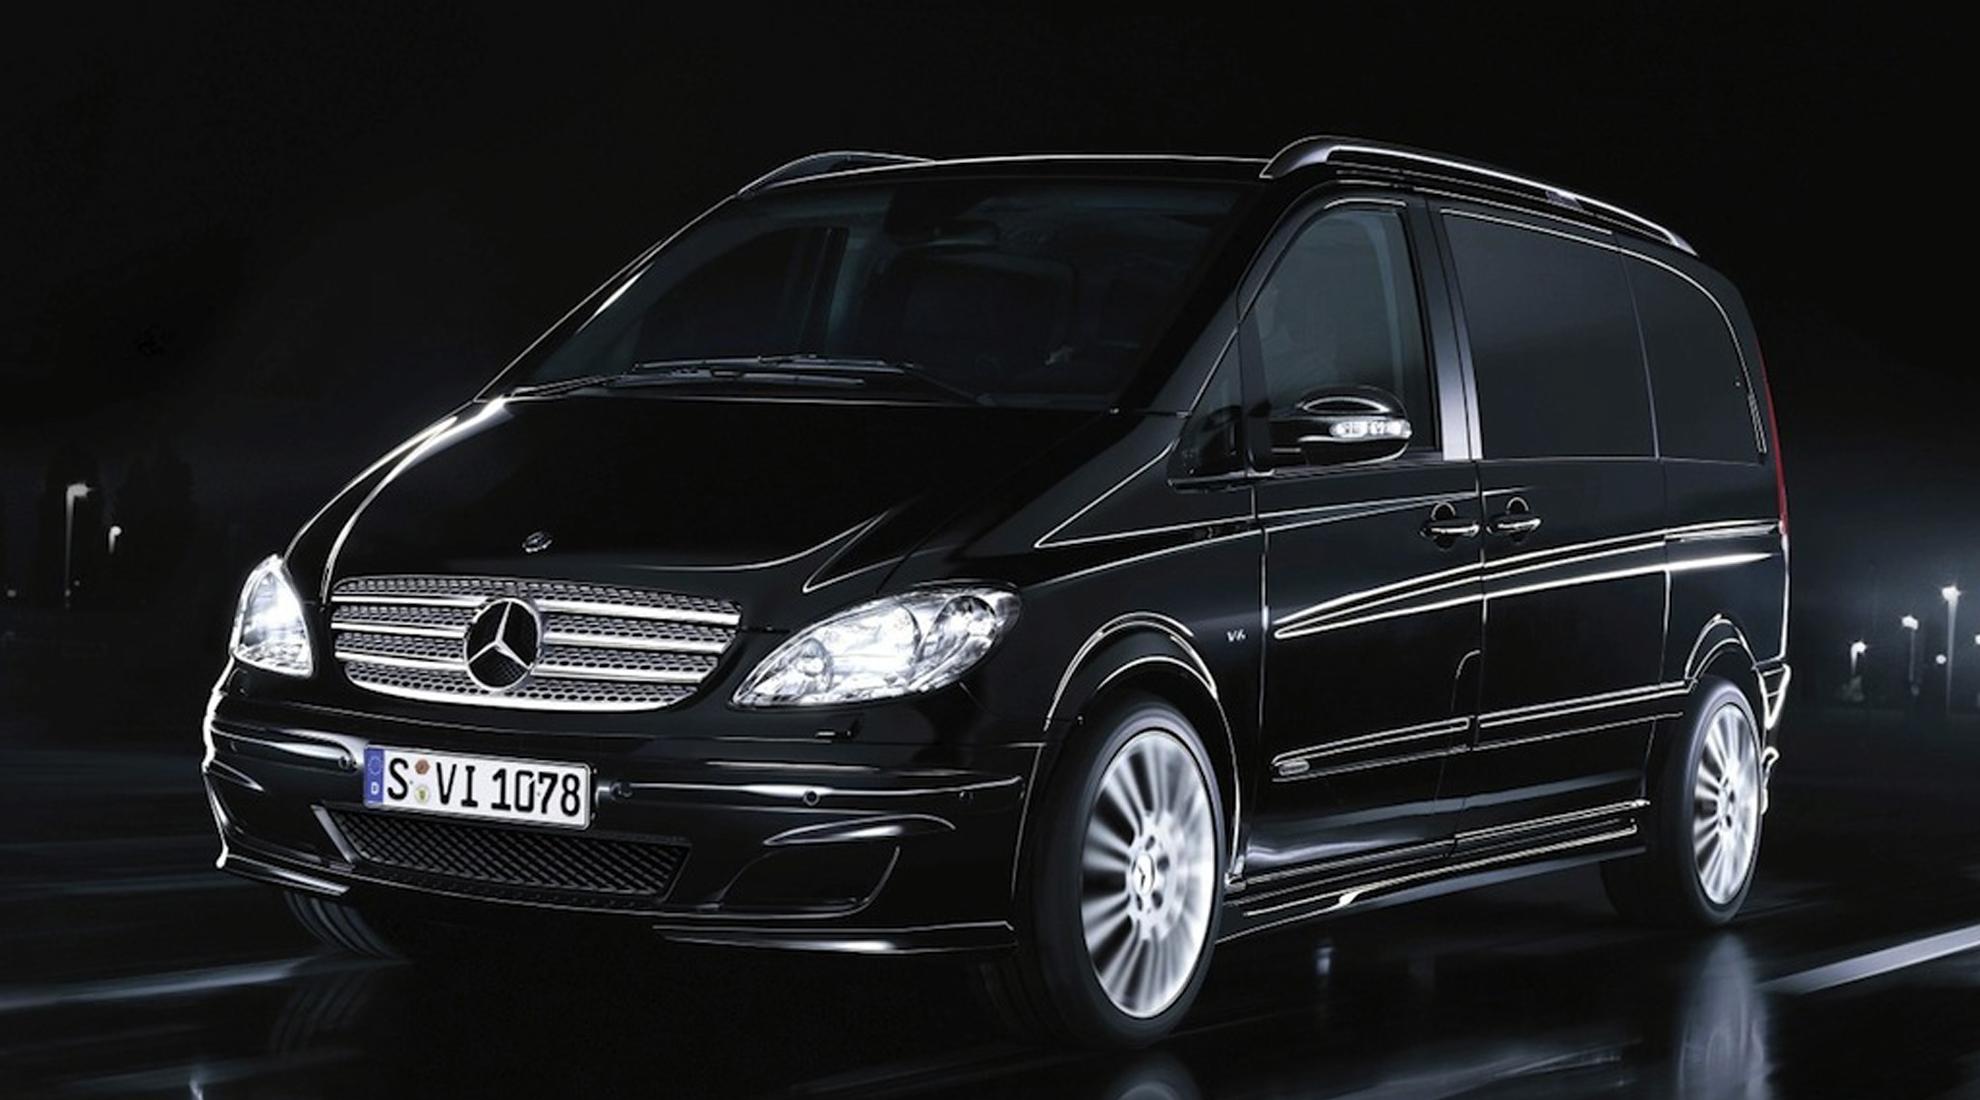 Volswagen caravelle - Monospace spacieux et confortable pouvant accueillir jusqu'à 8 passagers